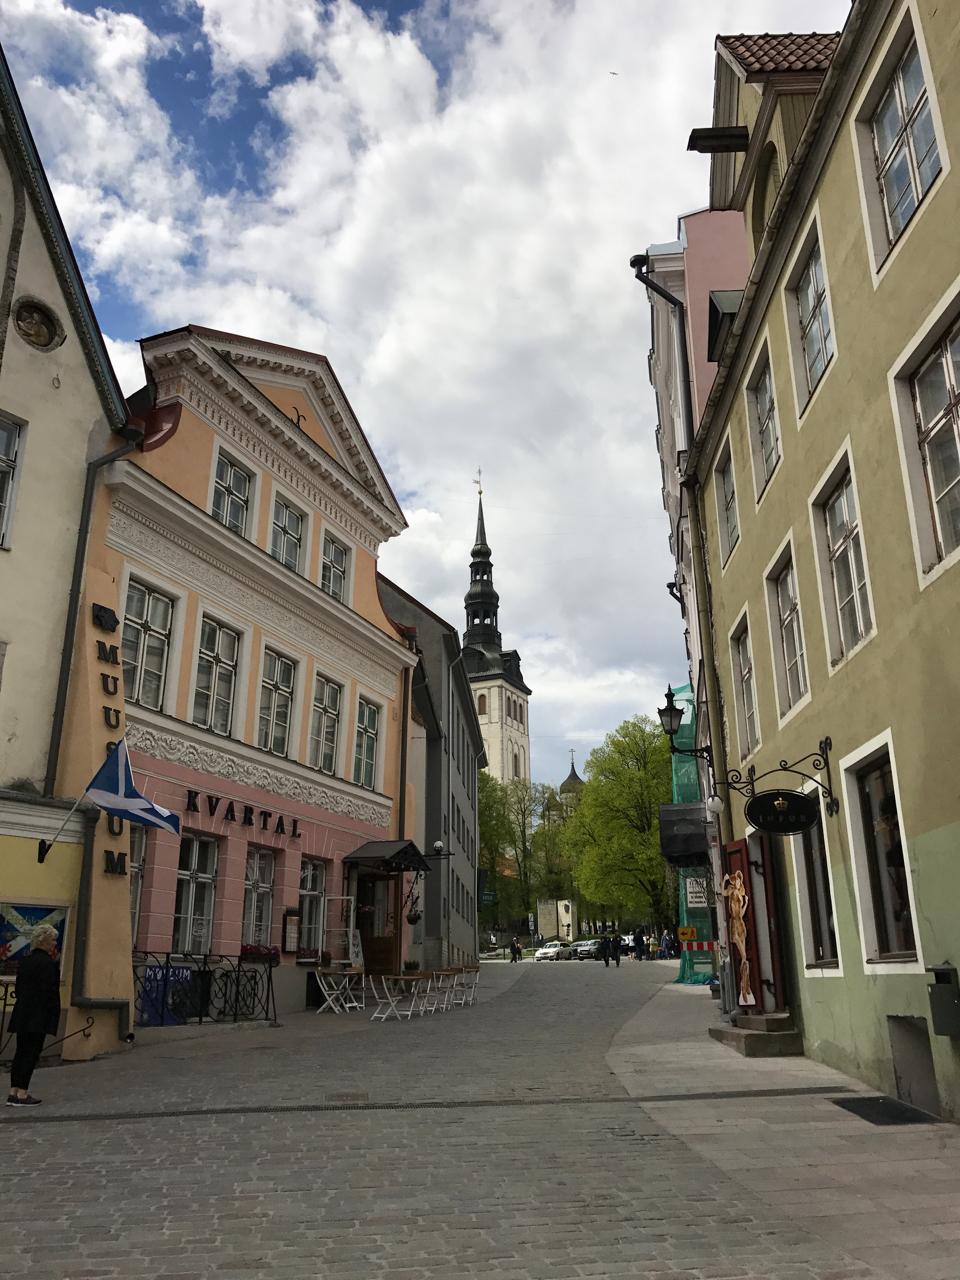 Teri_Tallin_Estonia Baltics_travel_spiritedtable_photot22.jpg